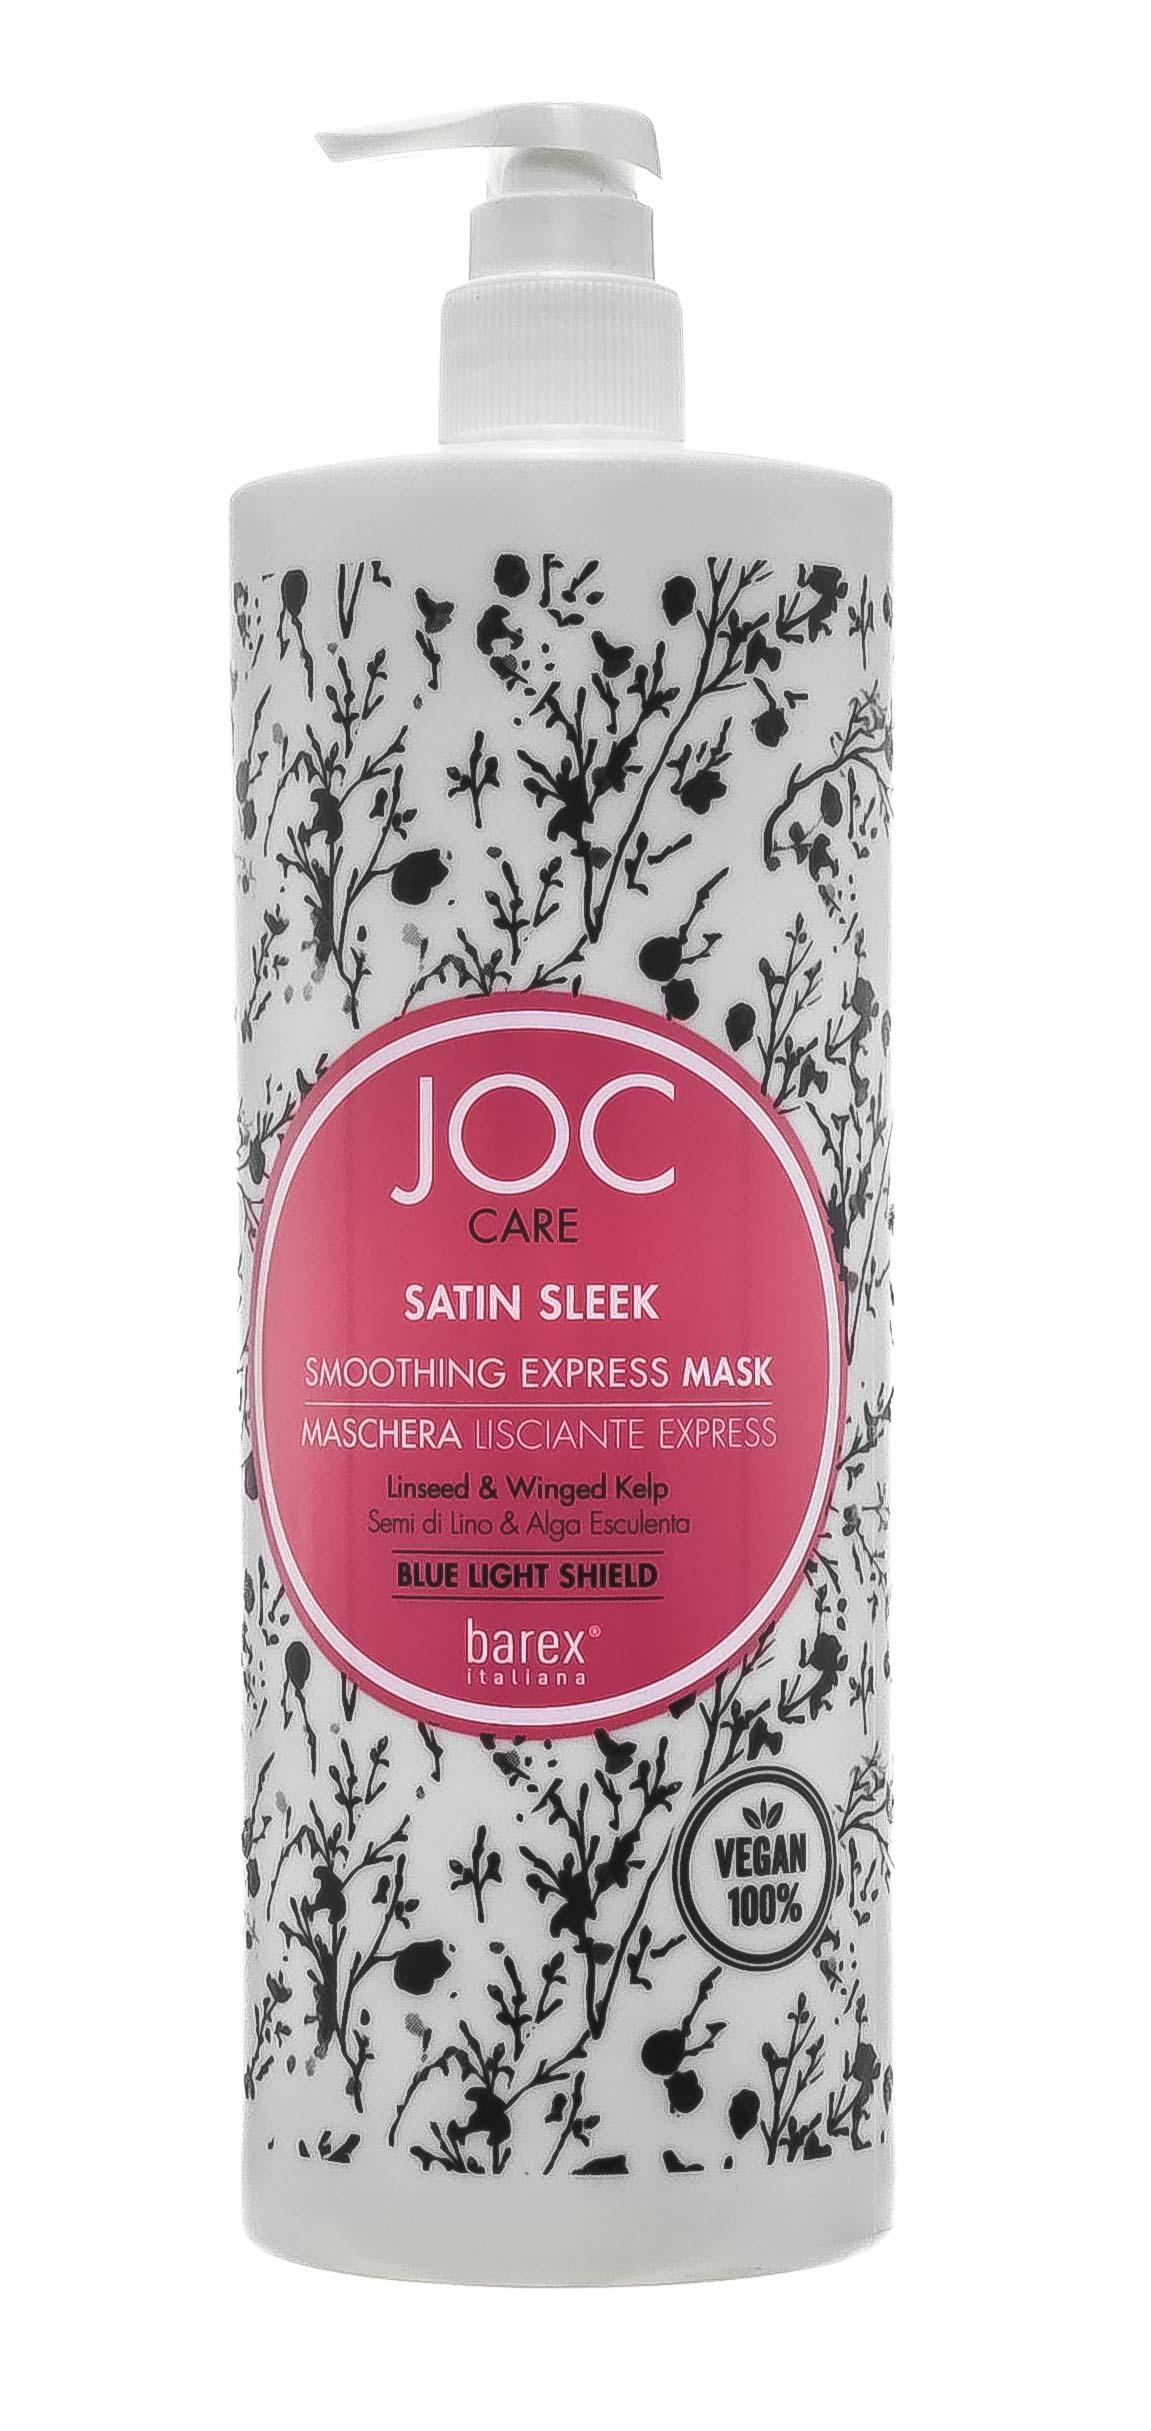 Barex Разглаживающая Экспресс-маска с льняным семенем и крылатой водорослью Satin Sleek, 1000 мл (Barex, Joc Color Line) недорого